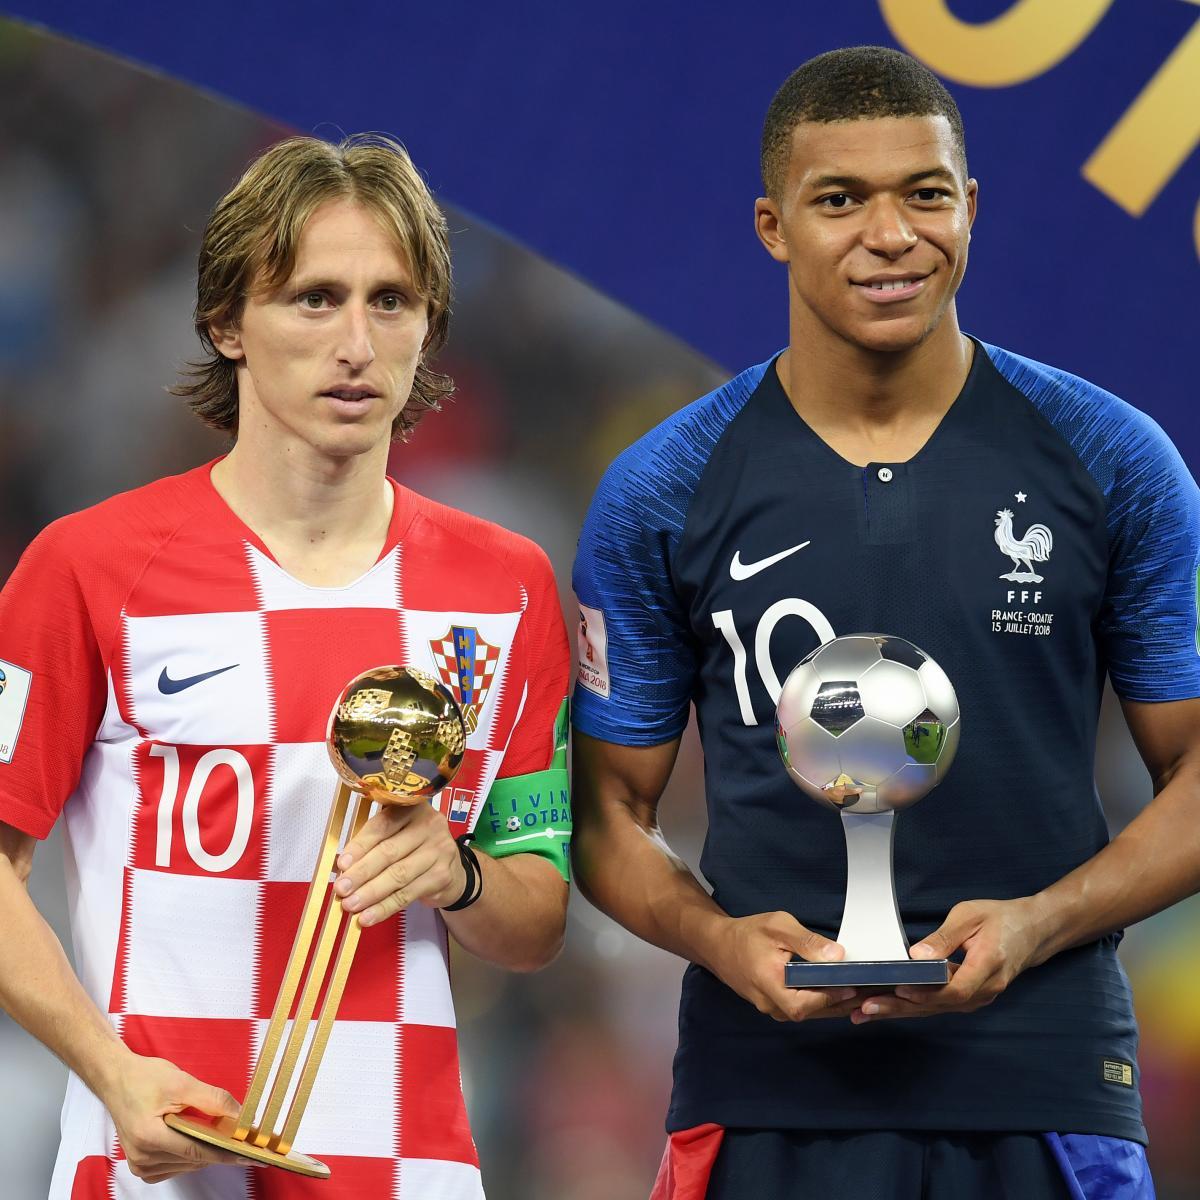 ea79eab91 FIFA World Cup 2018 Awards  Golden Ball